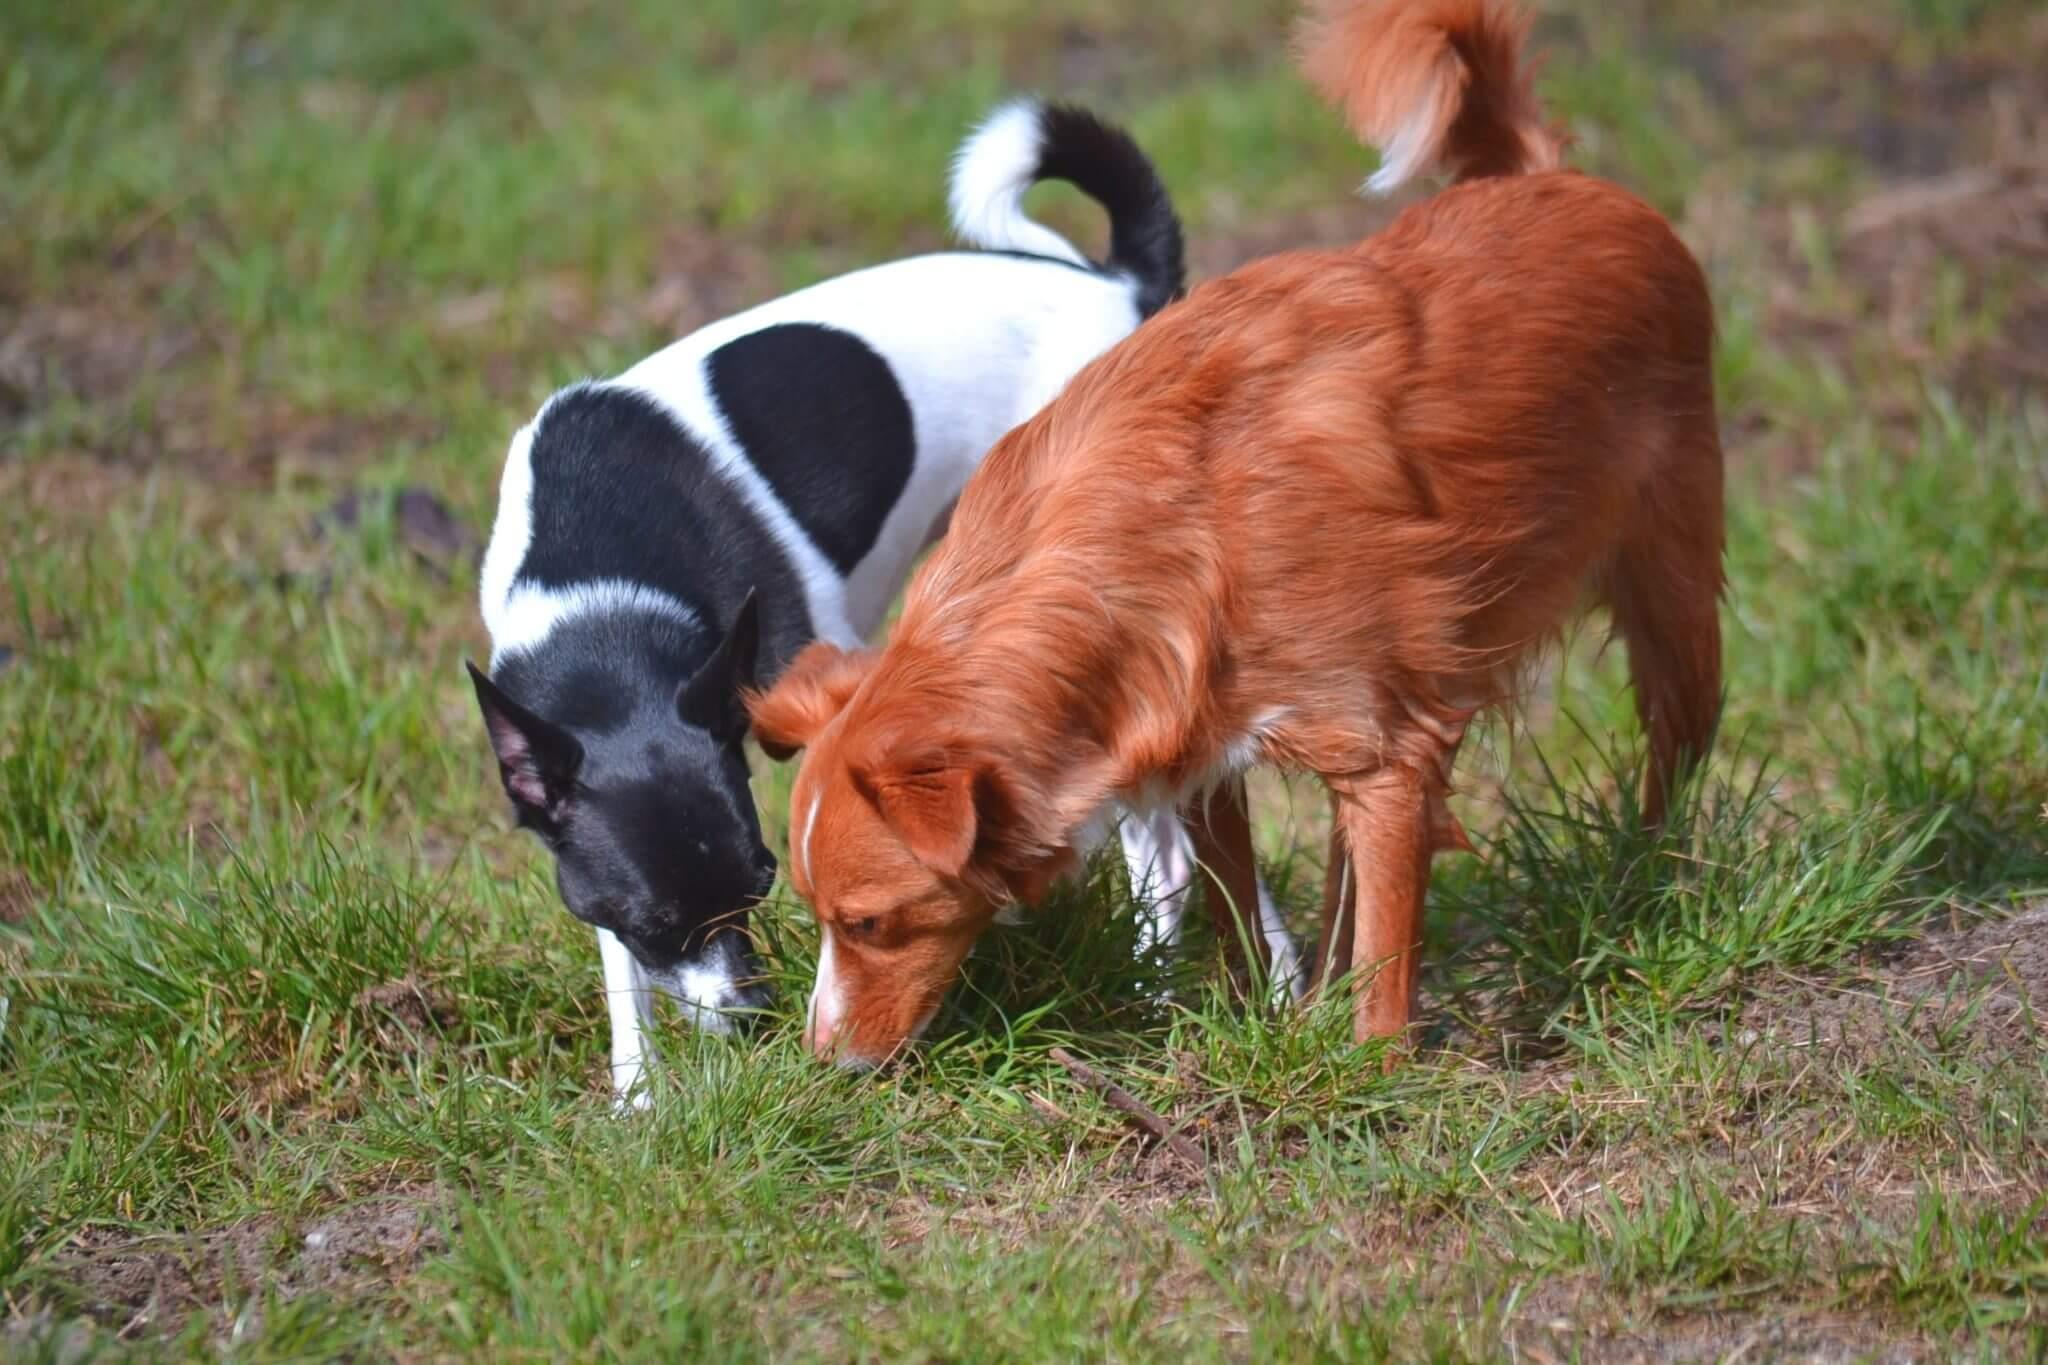 gesunde Hunde - Hundekrankheiten verhindern!